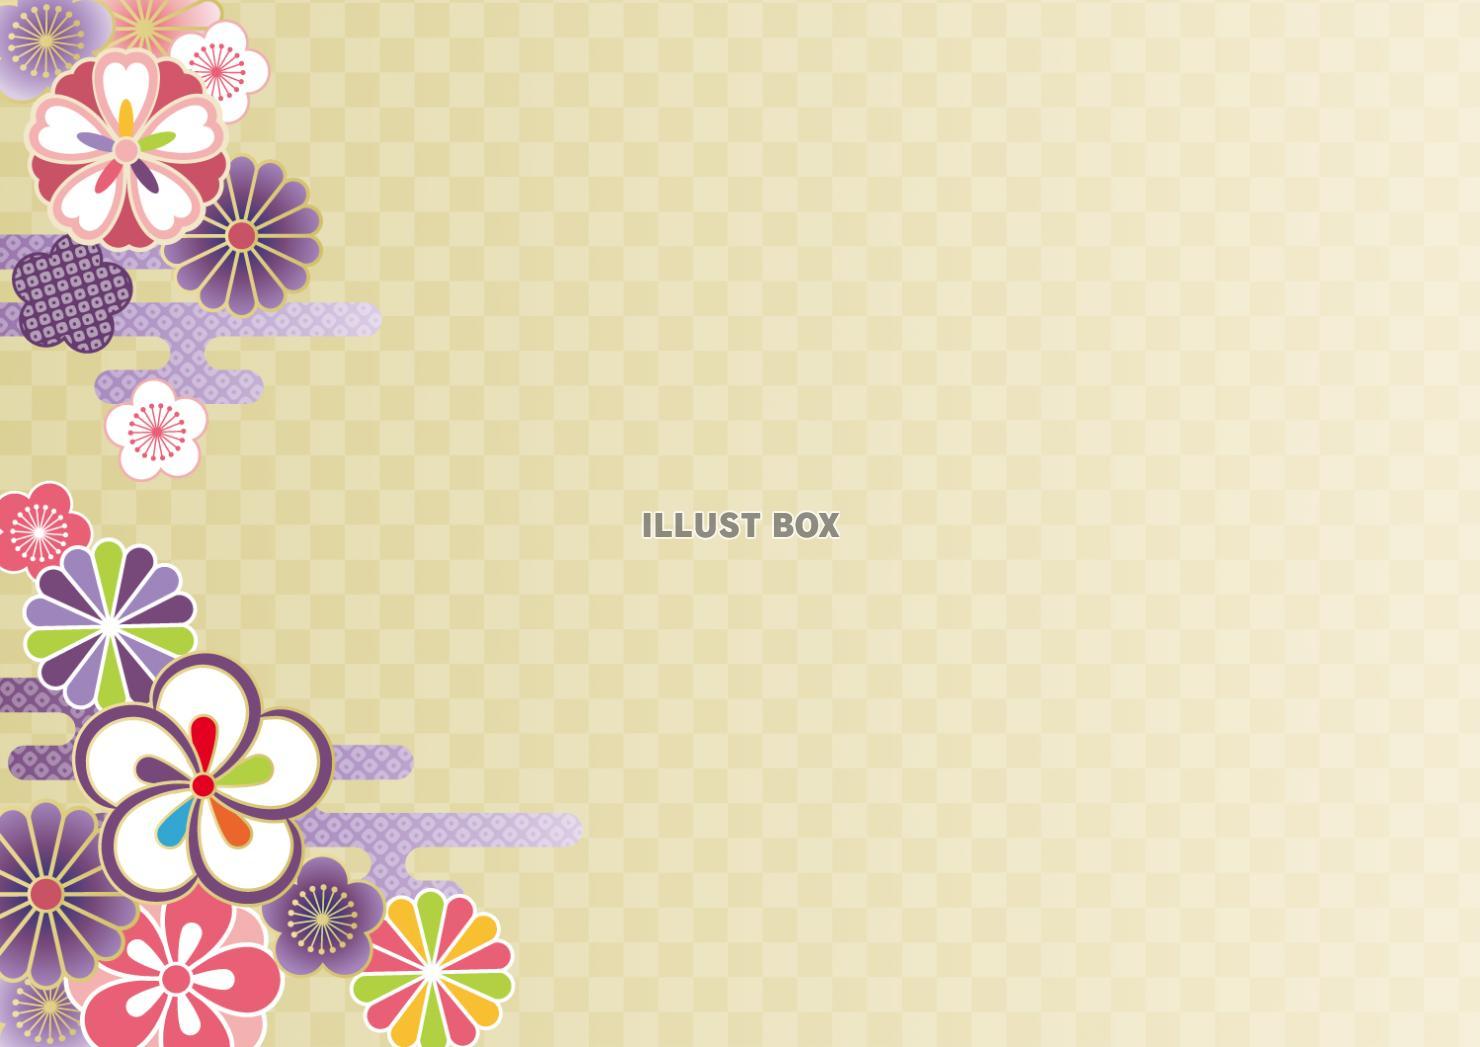 無料イラスト 和のゴージャスな背景 金格子花文様伝統模様年賀状正月